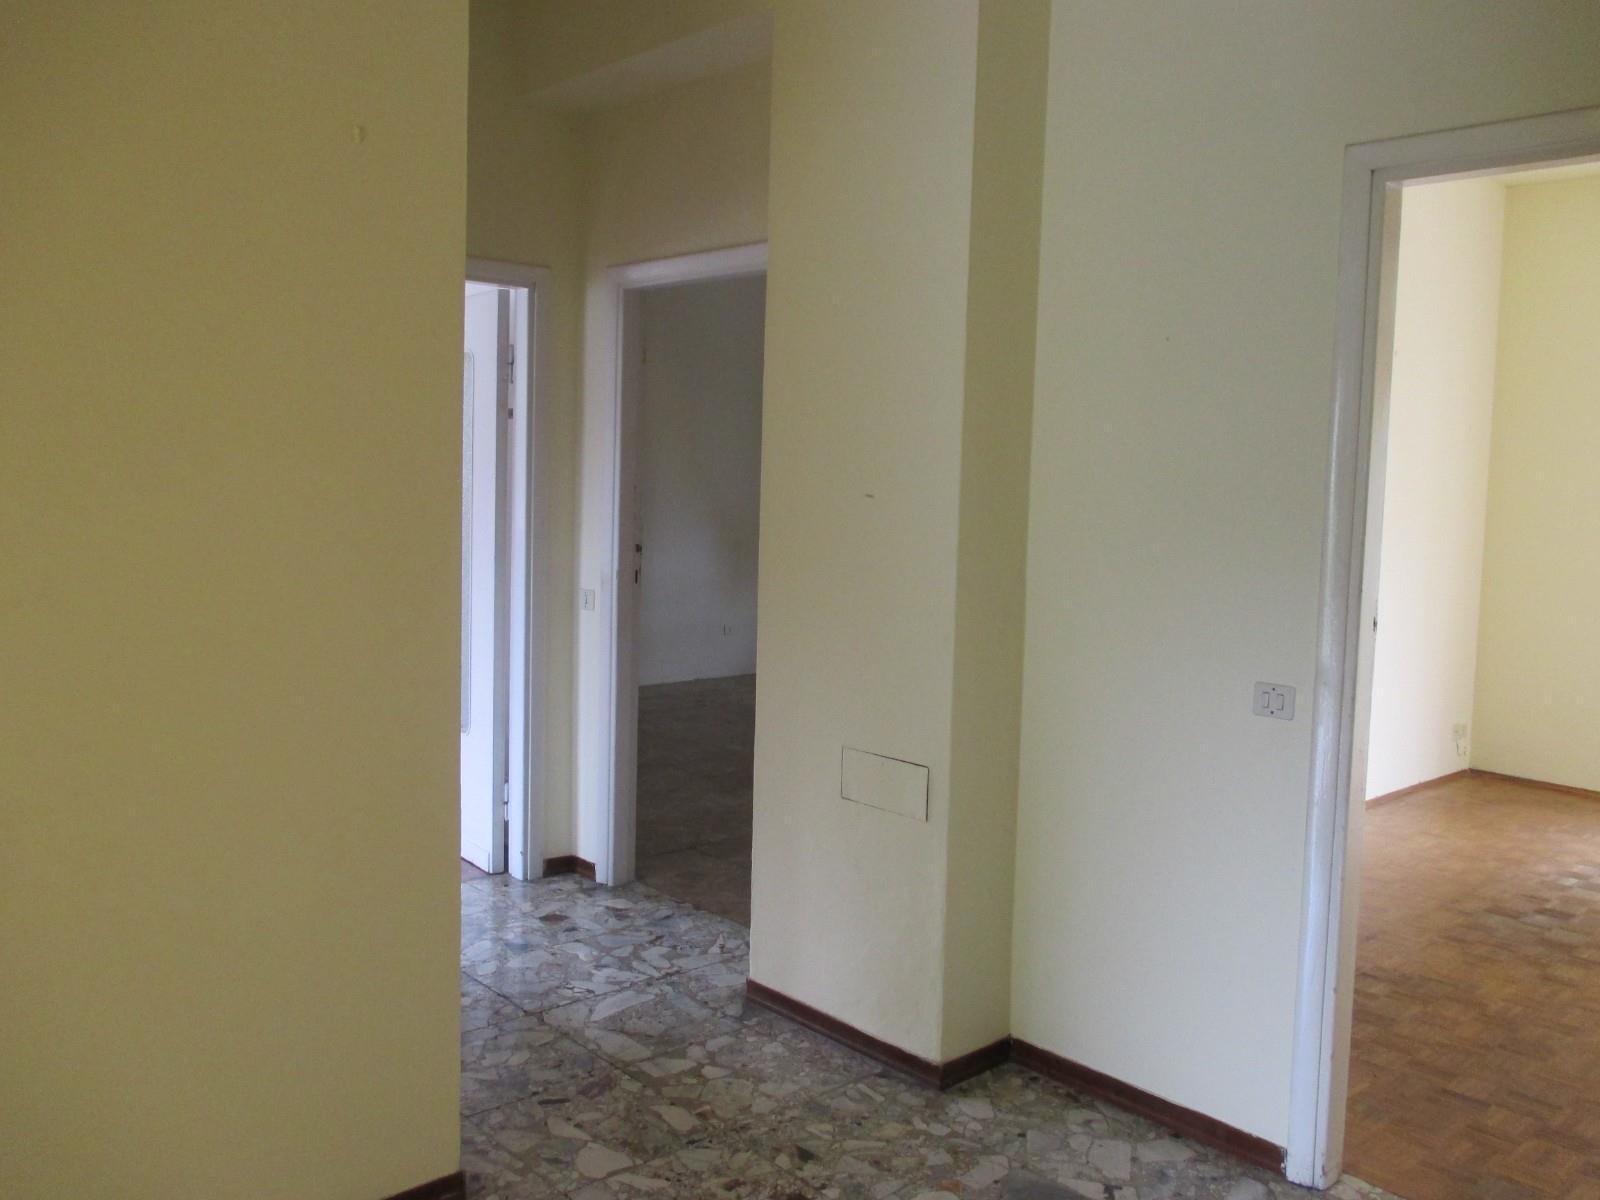 Foto 2 - Appartamento in Vendita - Seveso (Monza e Brianza)